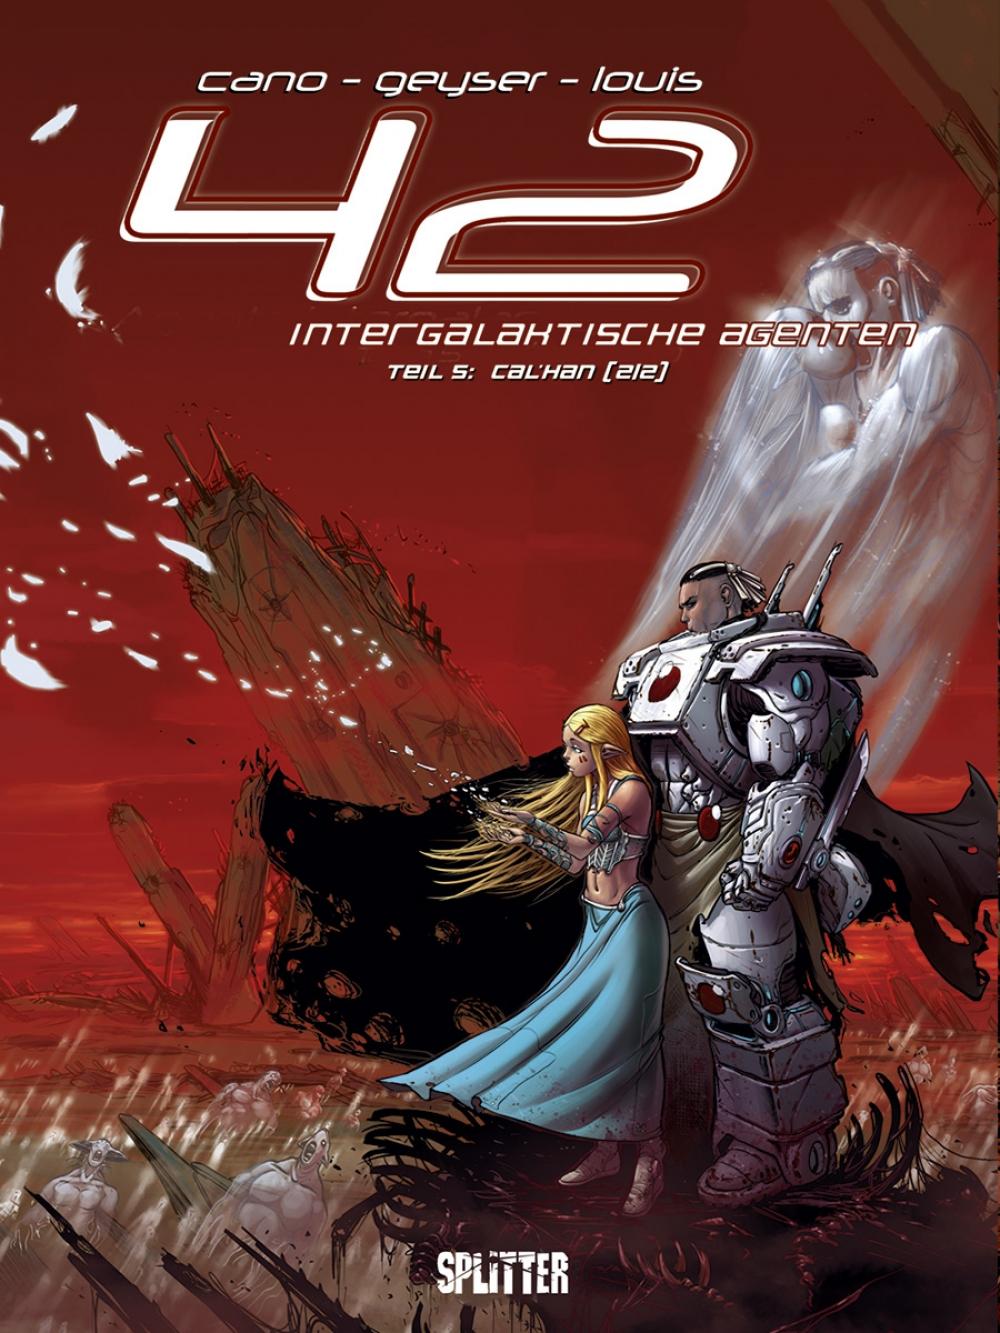 42 - Intergalaktische Agenten 5 : Cal´Han 2